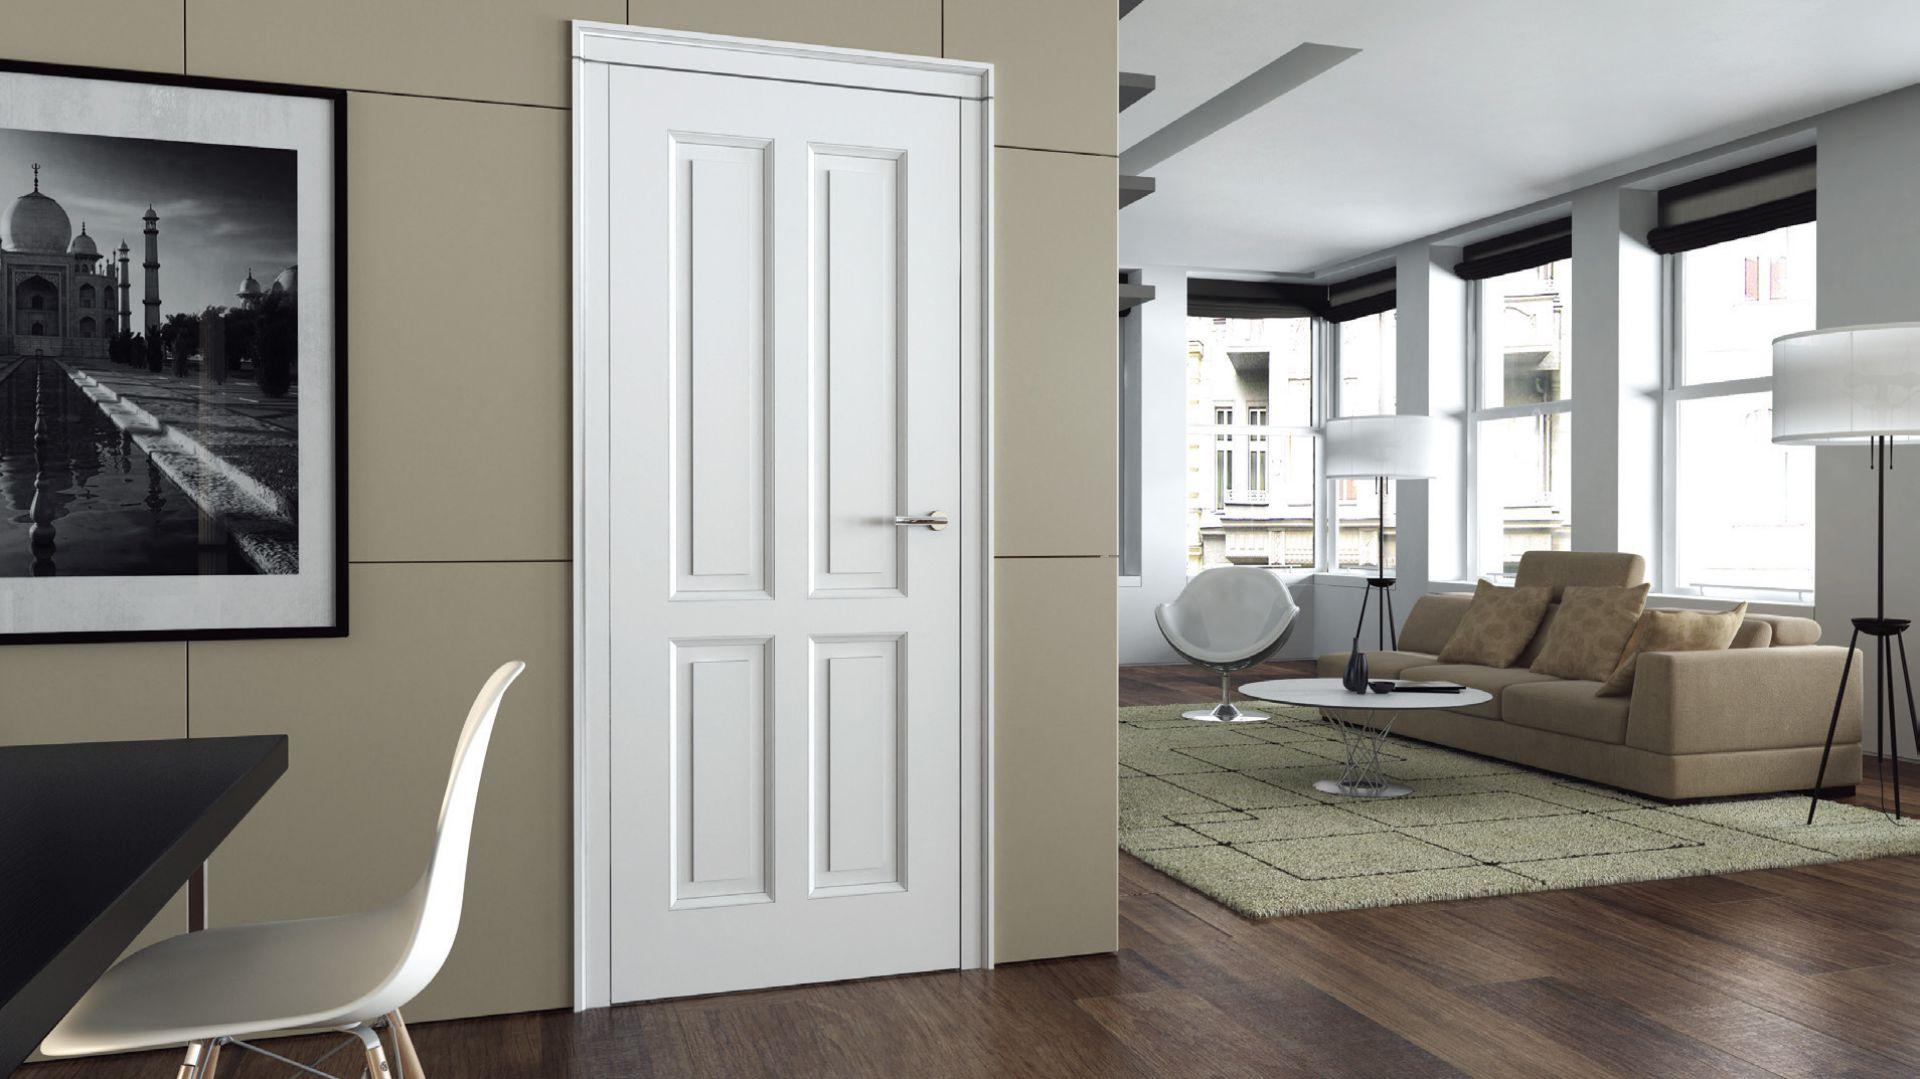 Drzwi Desigio Concore/RuckZuck. Produkt zgłoszony do konkursu Dobry Design 2018.